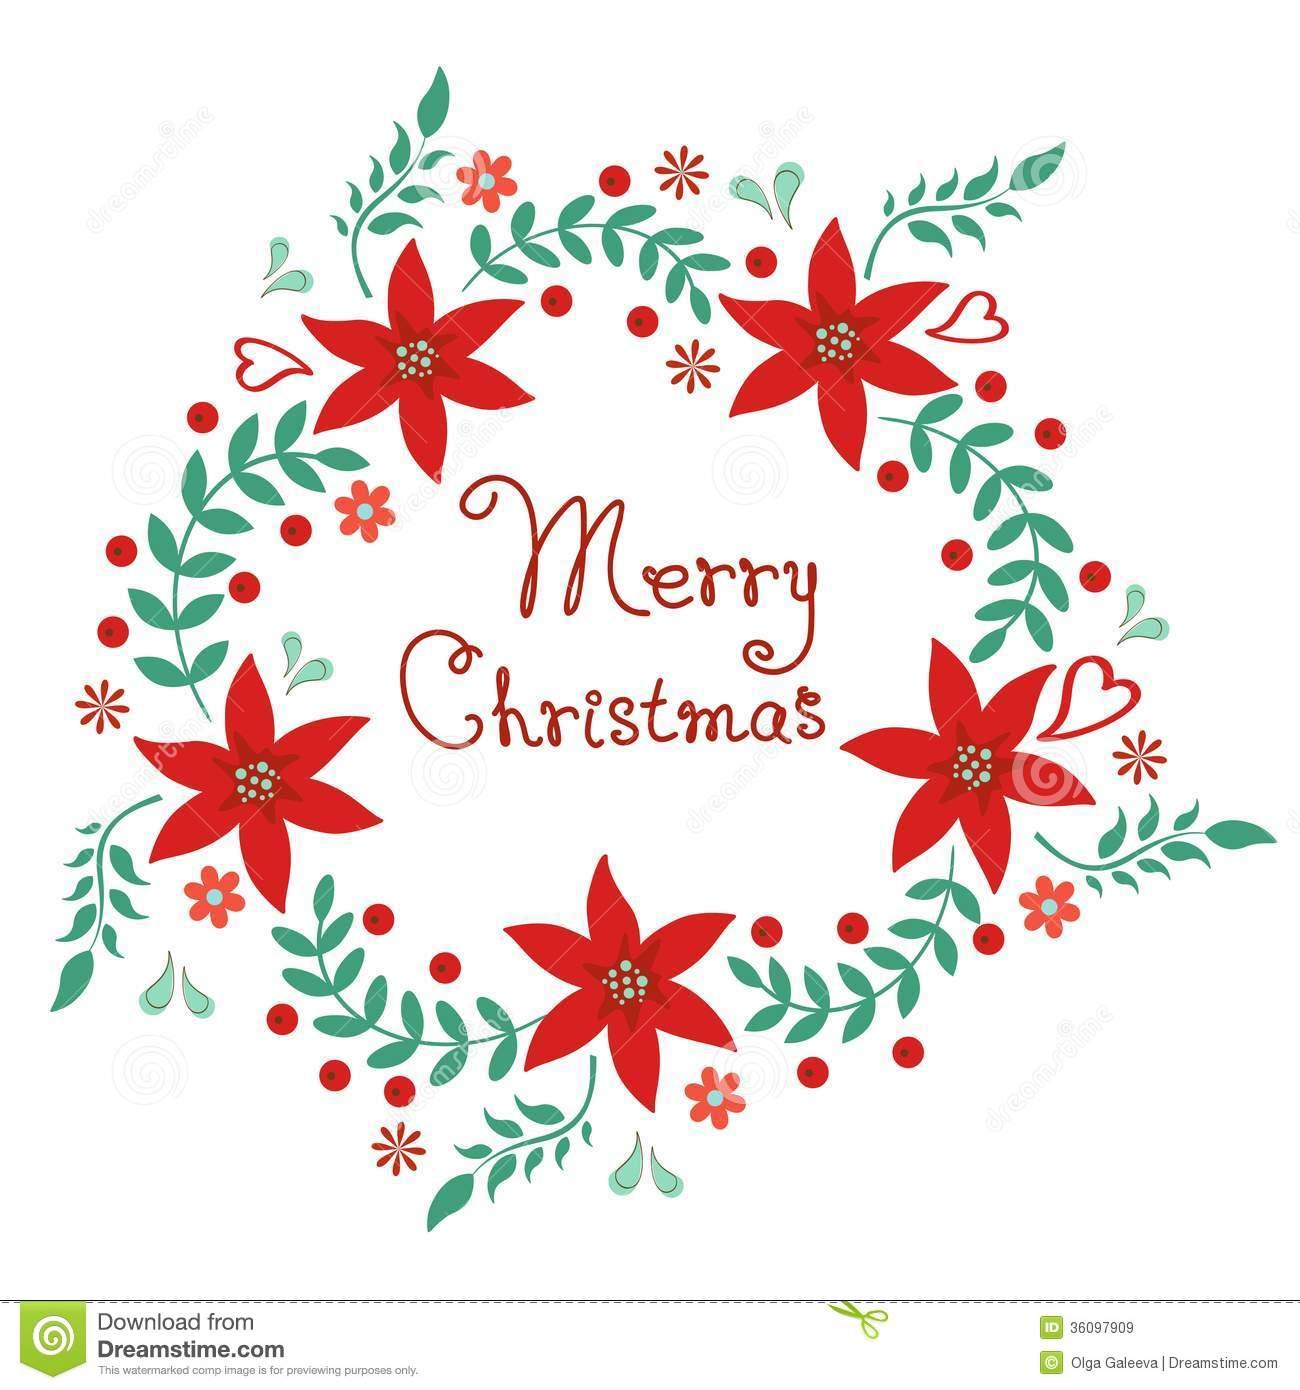 Merry Christmas Wreath Clipart.